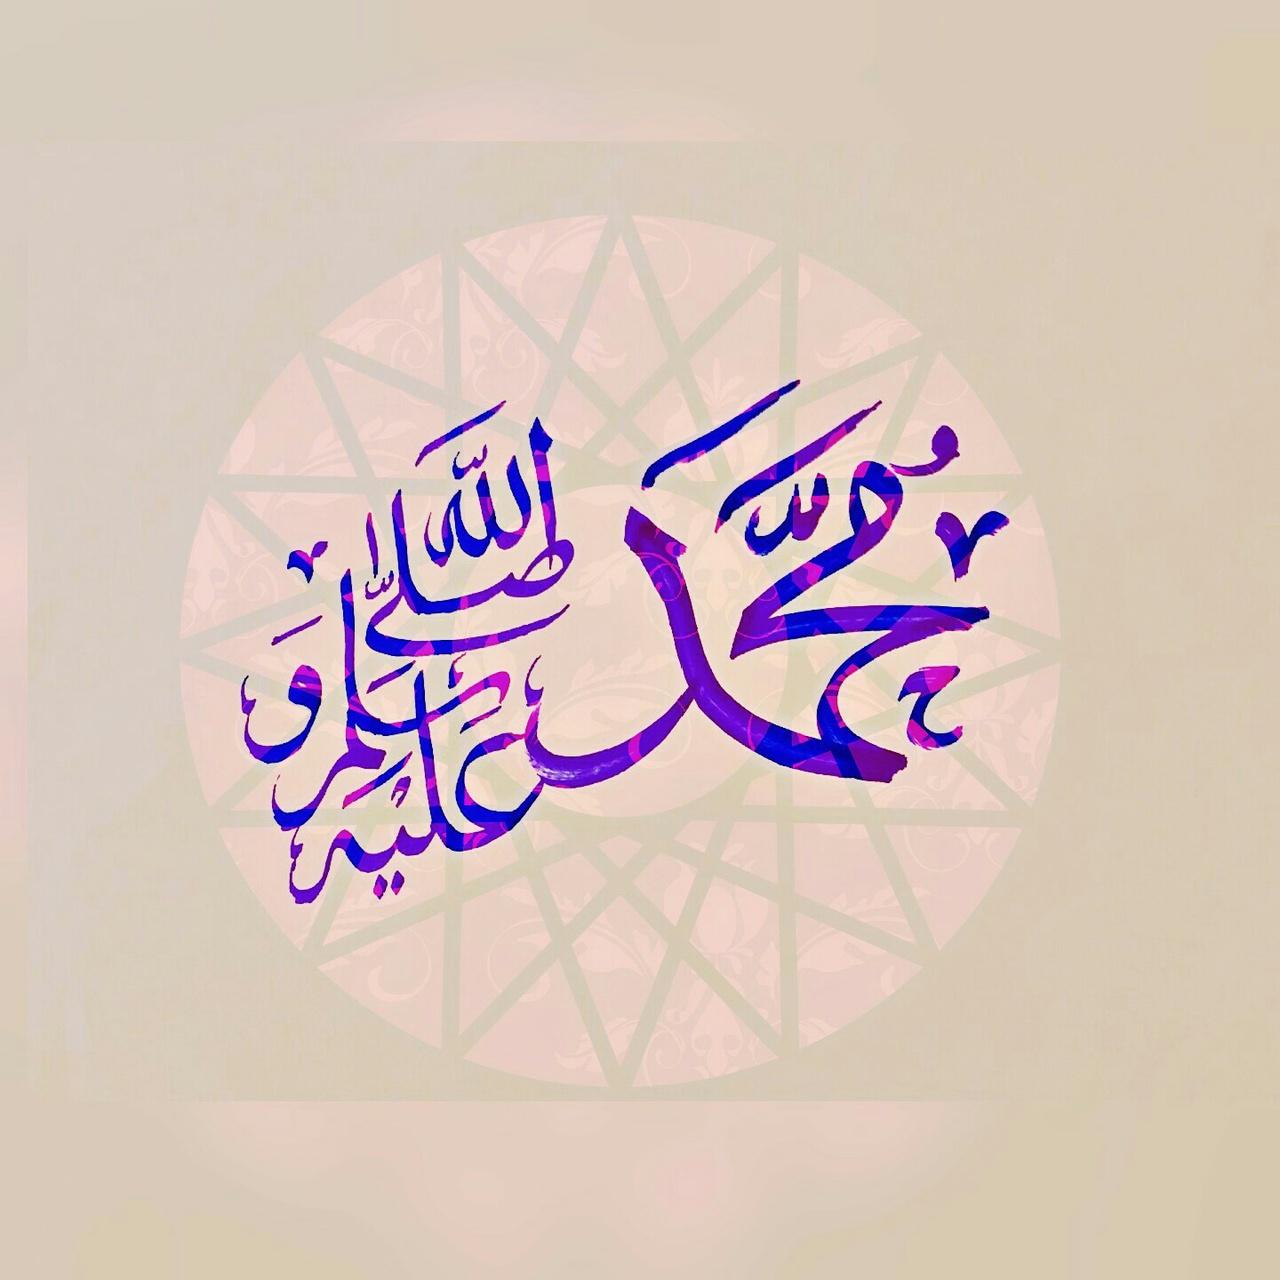 محمد صلى الله عليه وسلم On We Heart It